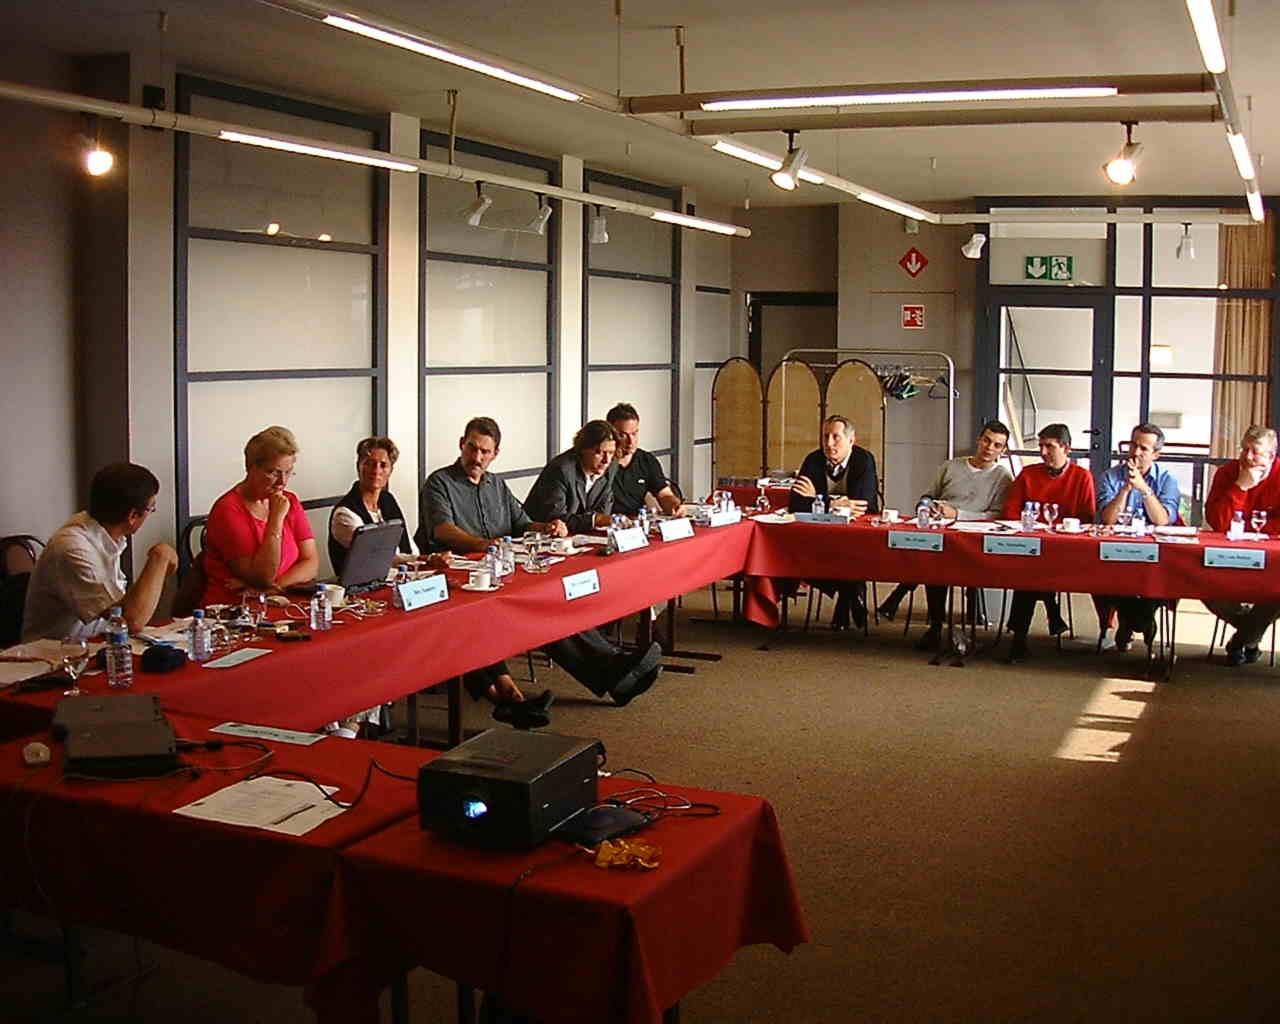 iamp_brussels001_meetings.jpg